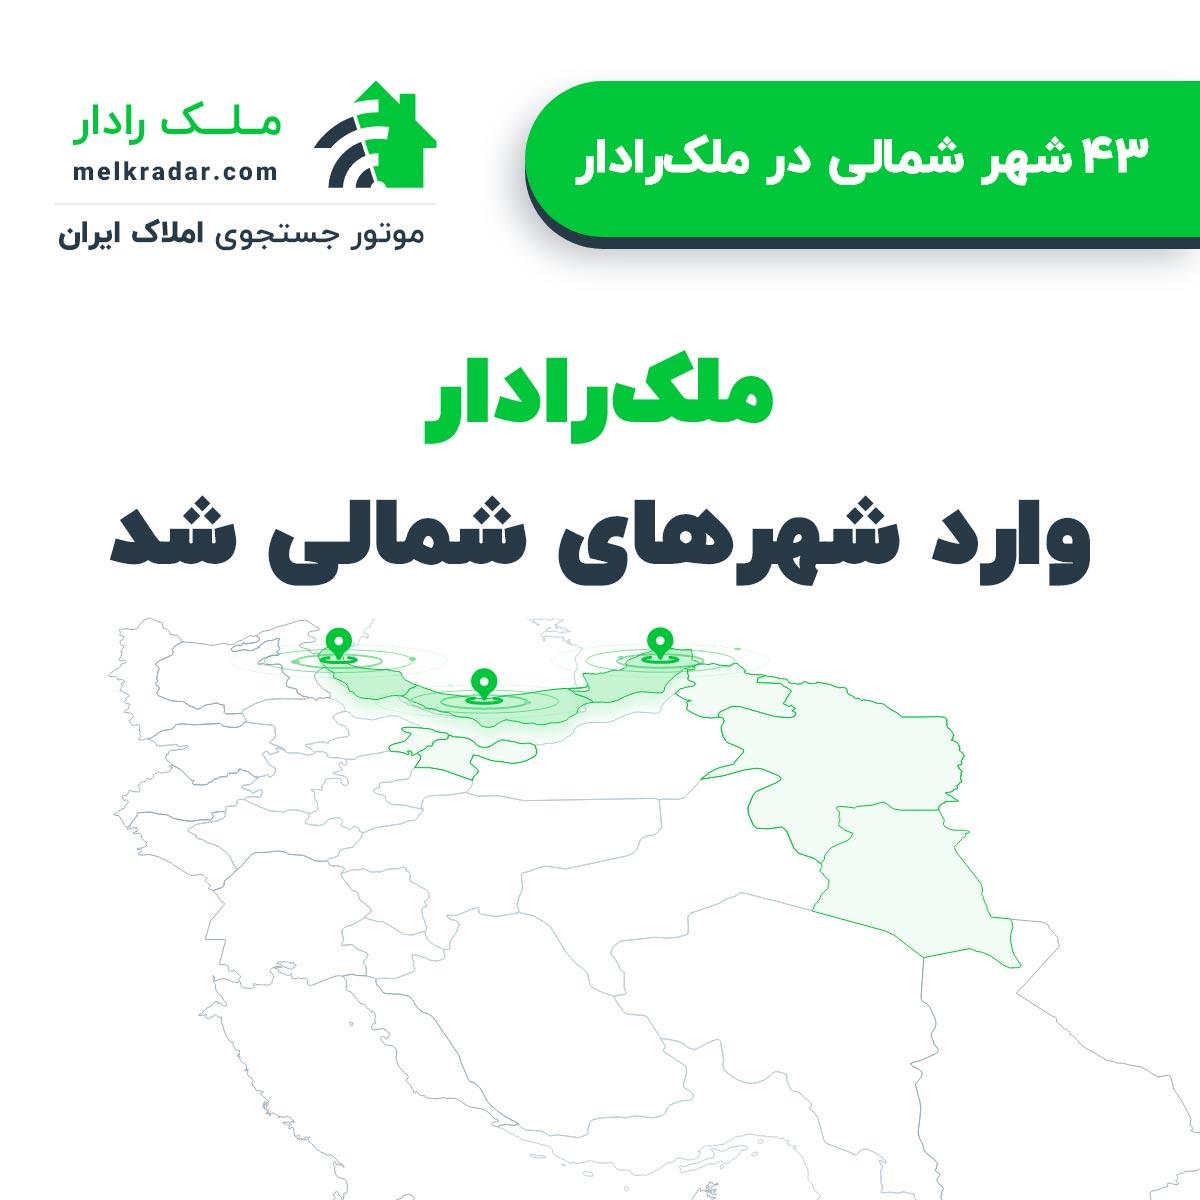 ملک رادار سرویس های خود برای شهروندان متقاضی ملک و مشاورین املاک در شمال کشور را راه اندازی کرد